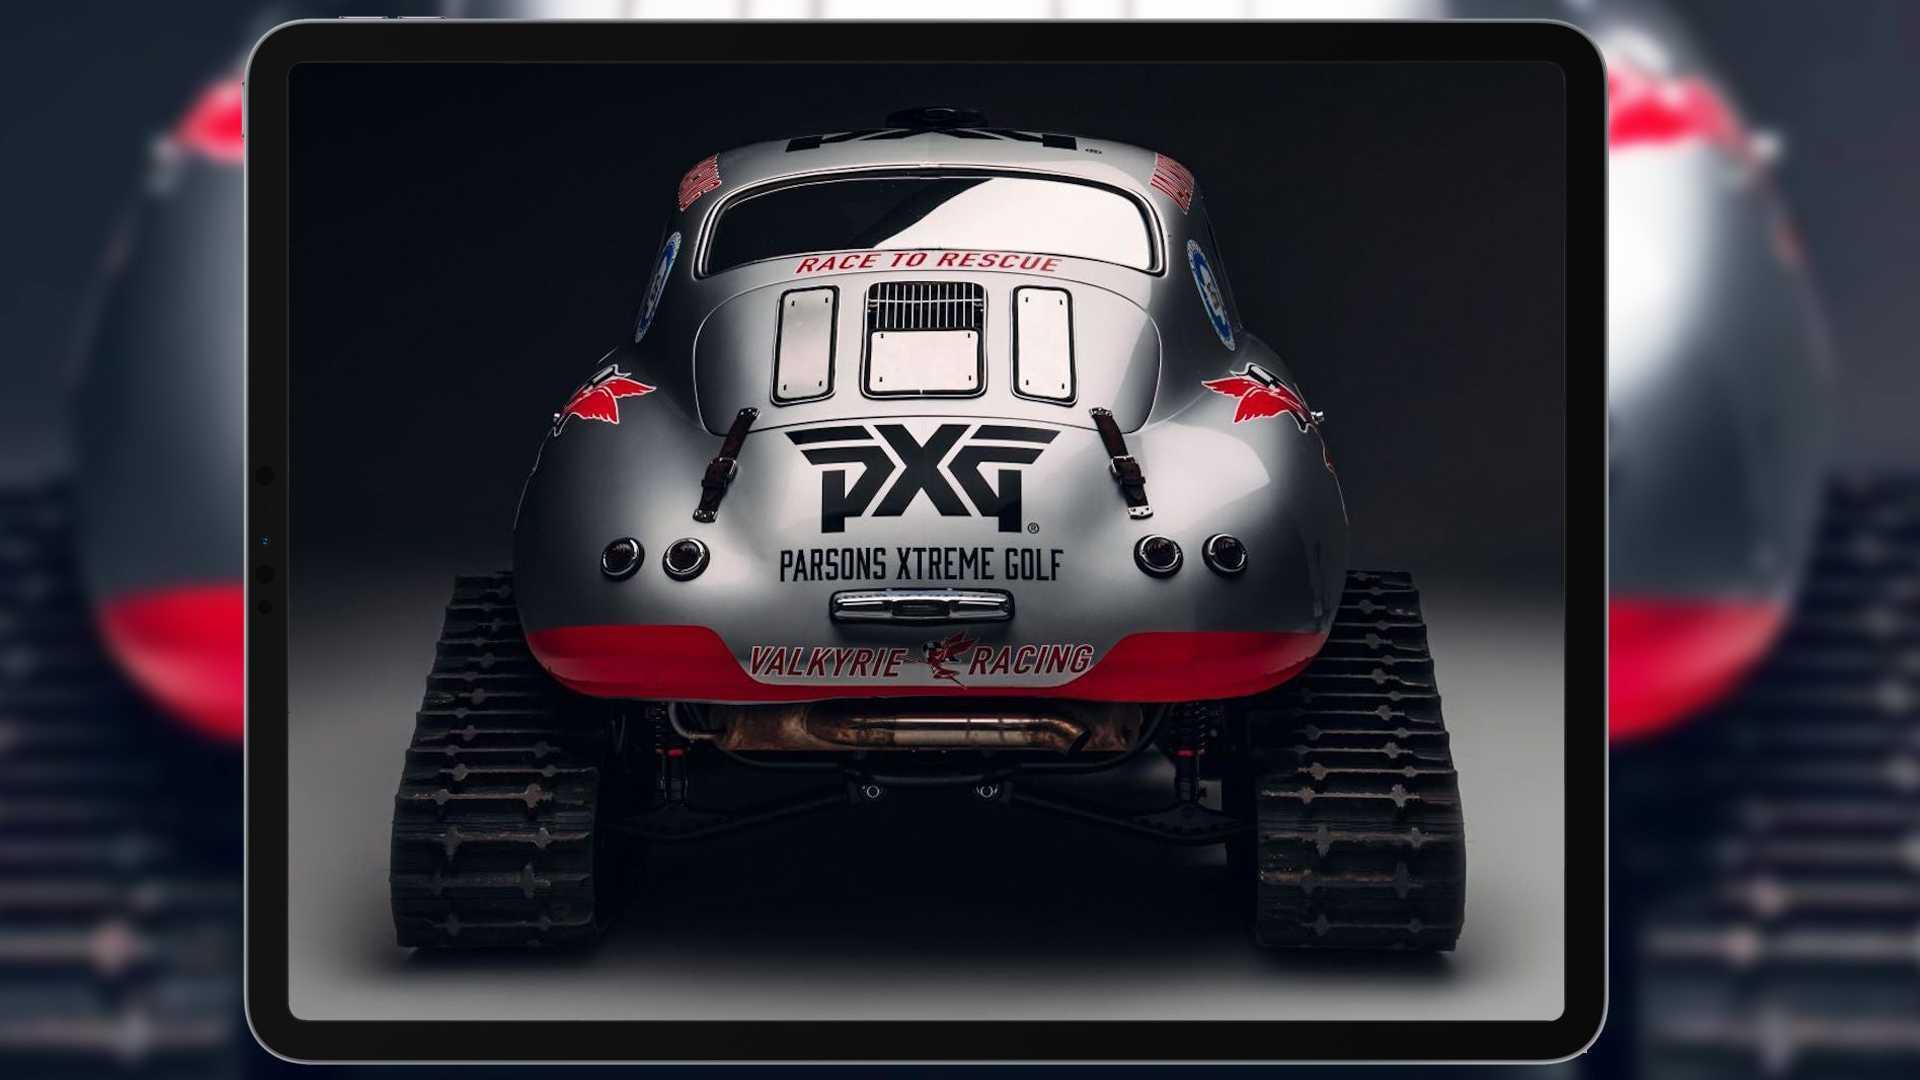 Woman Seeks Antarctica Land Speed Record In Wild Porsche 356